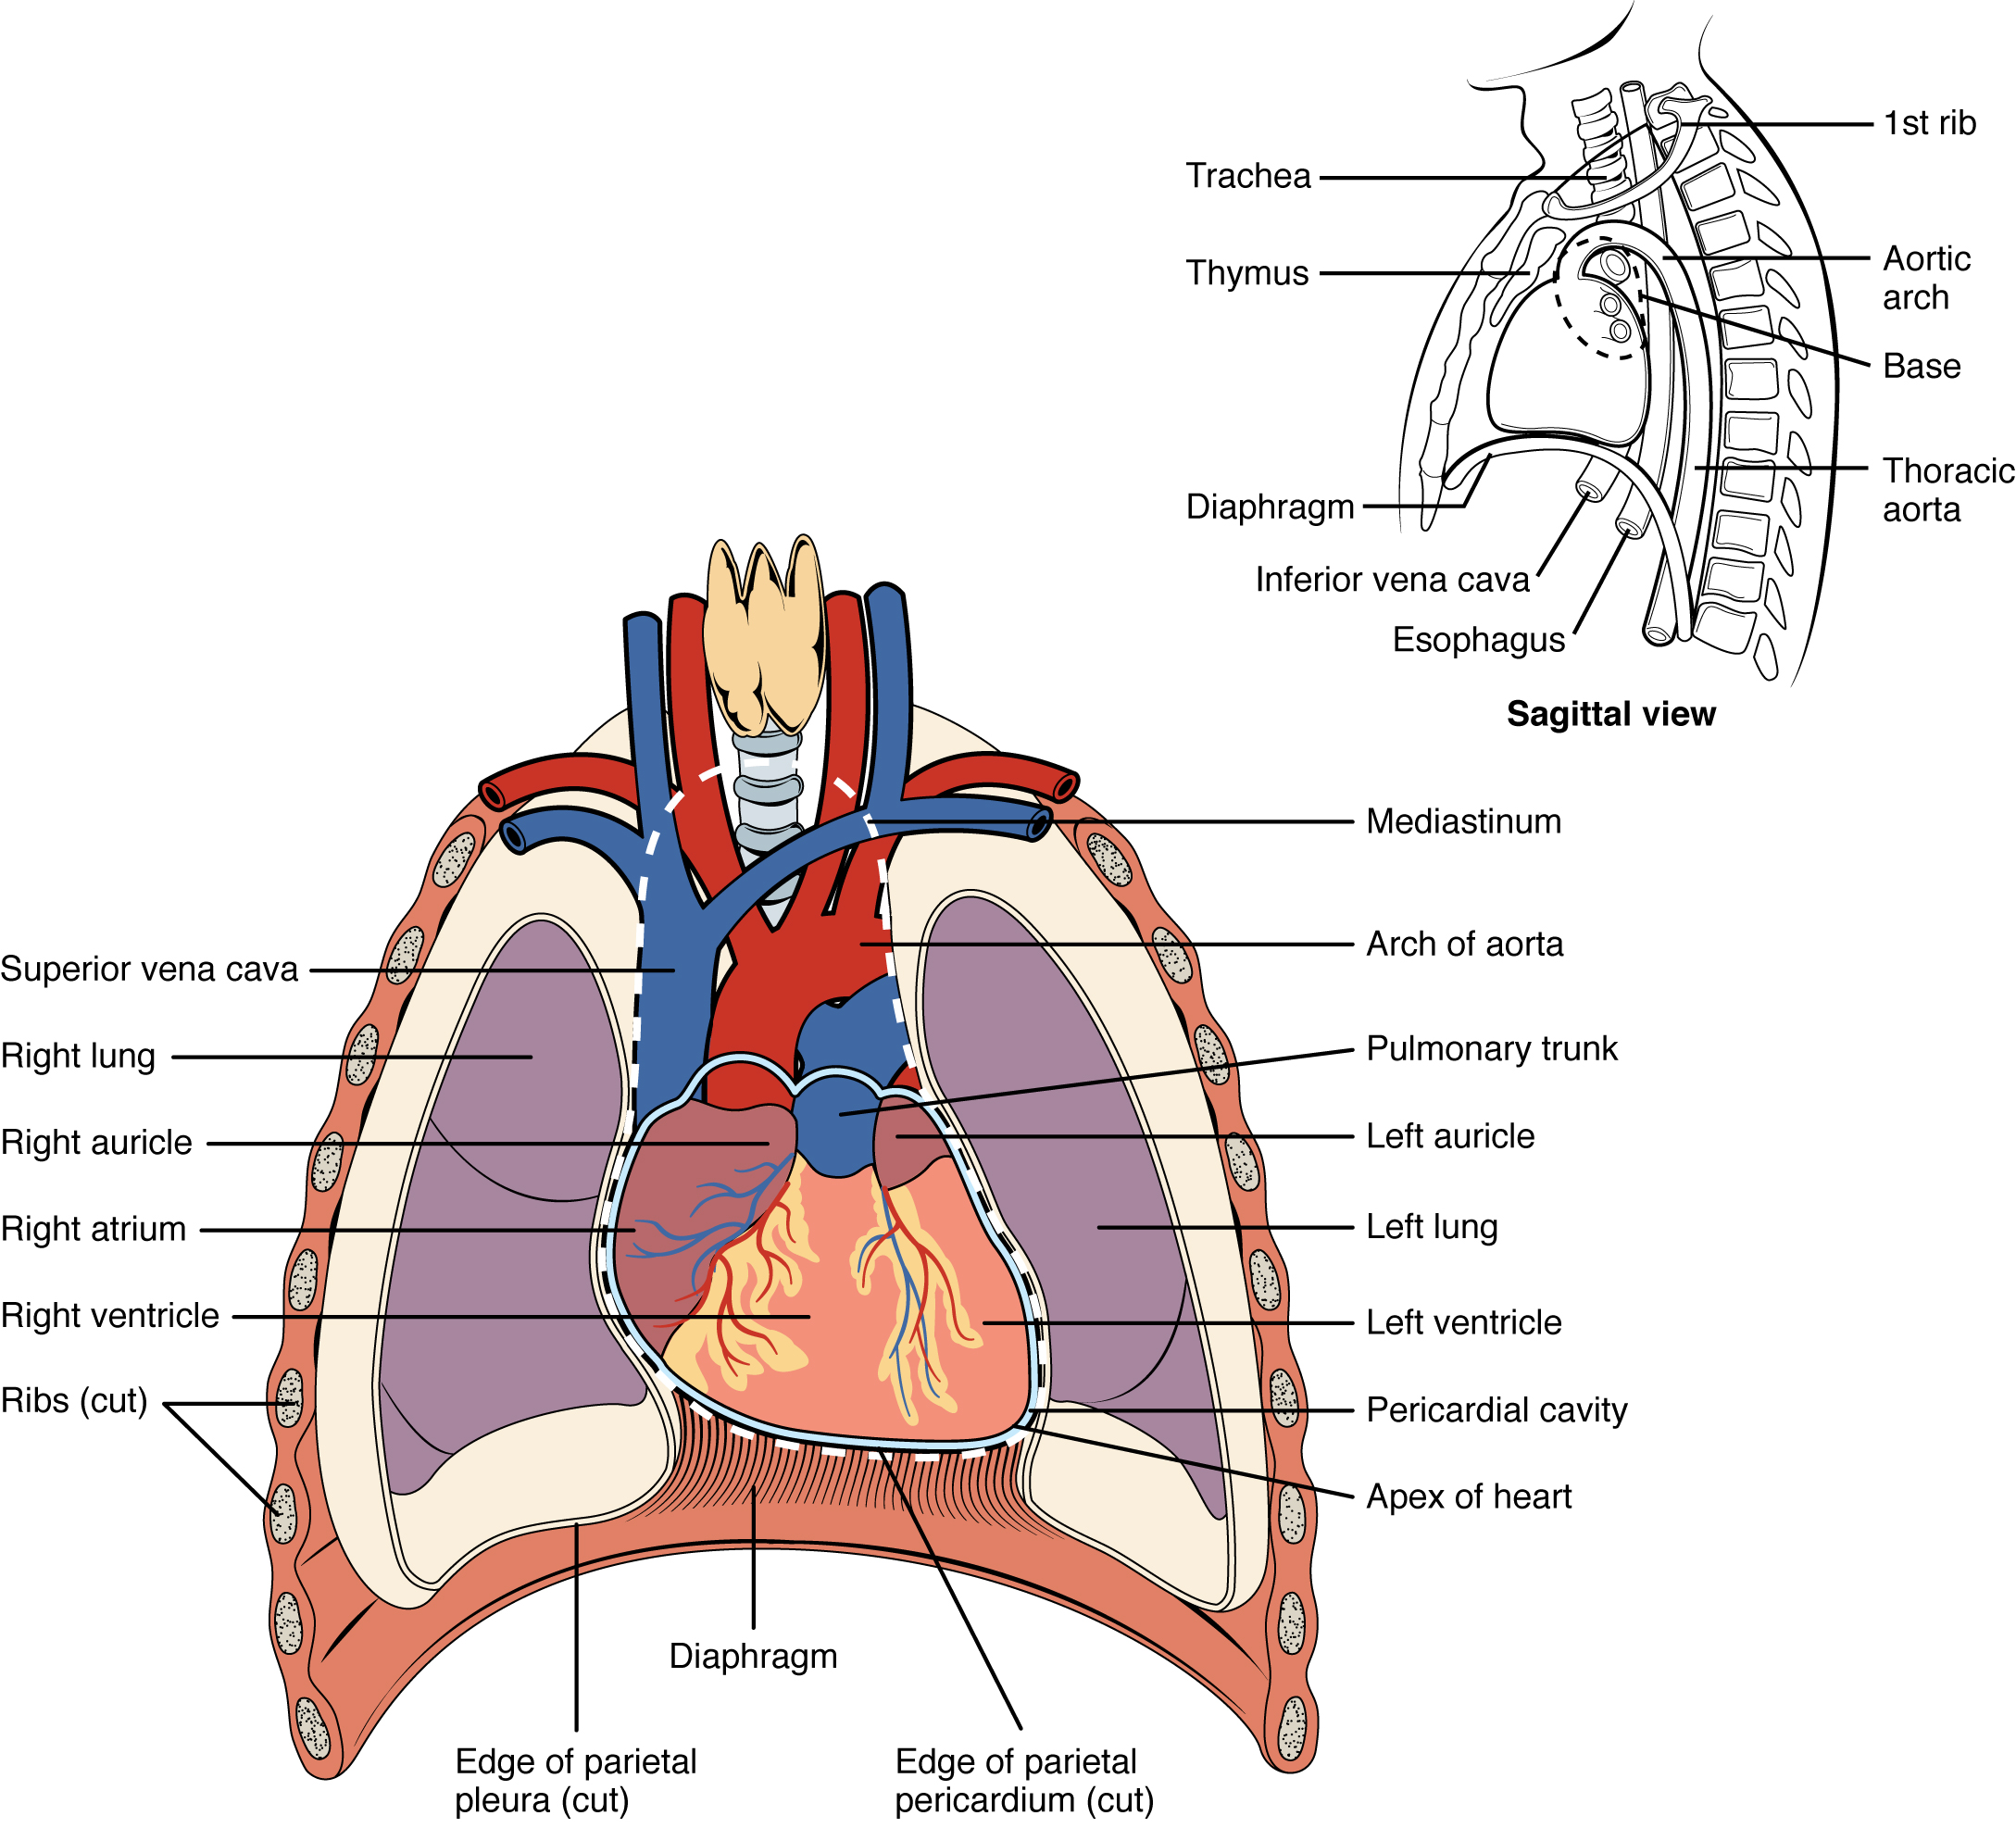 Location of heart in the mediastinum